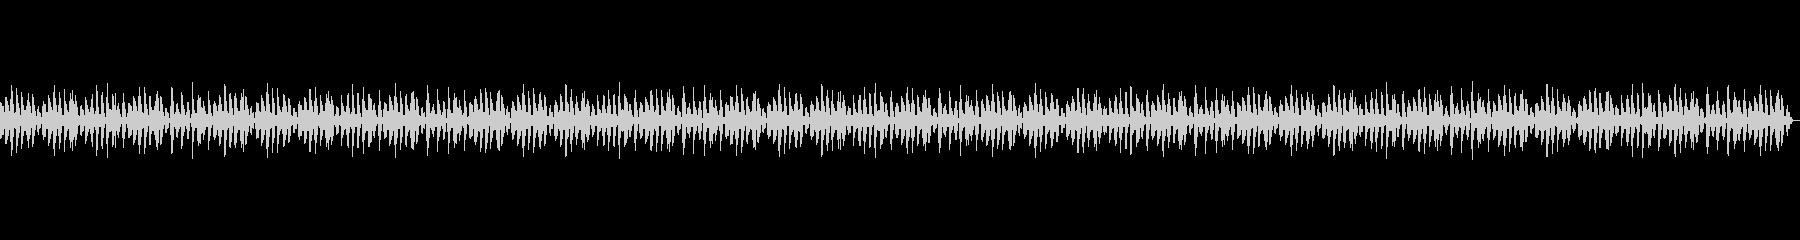 Vtuberの配信 開始前BGM(2)の未再生の波形